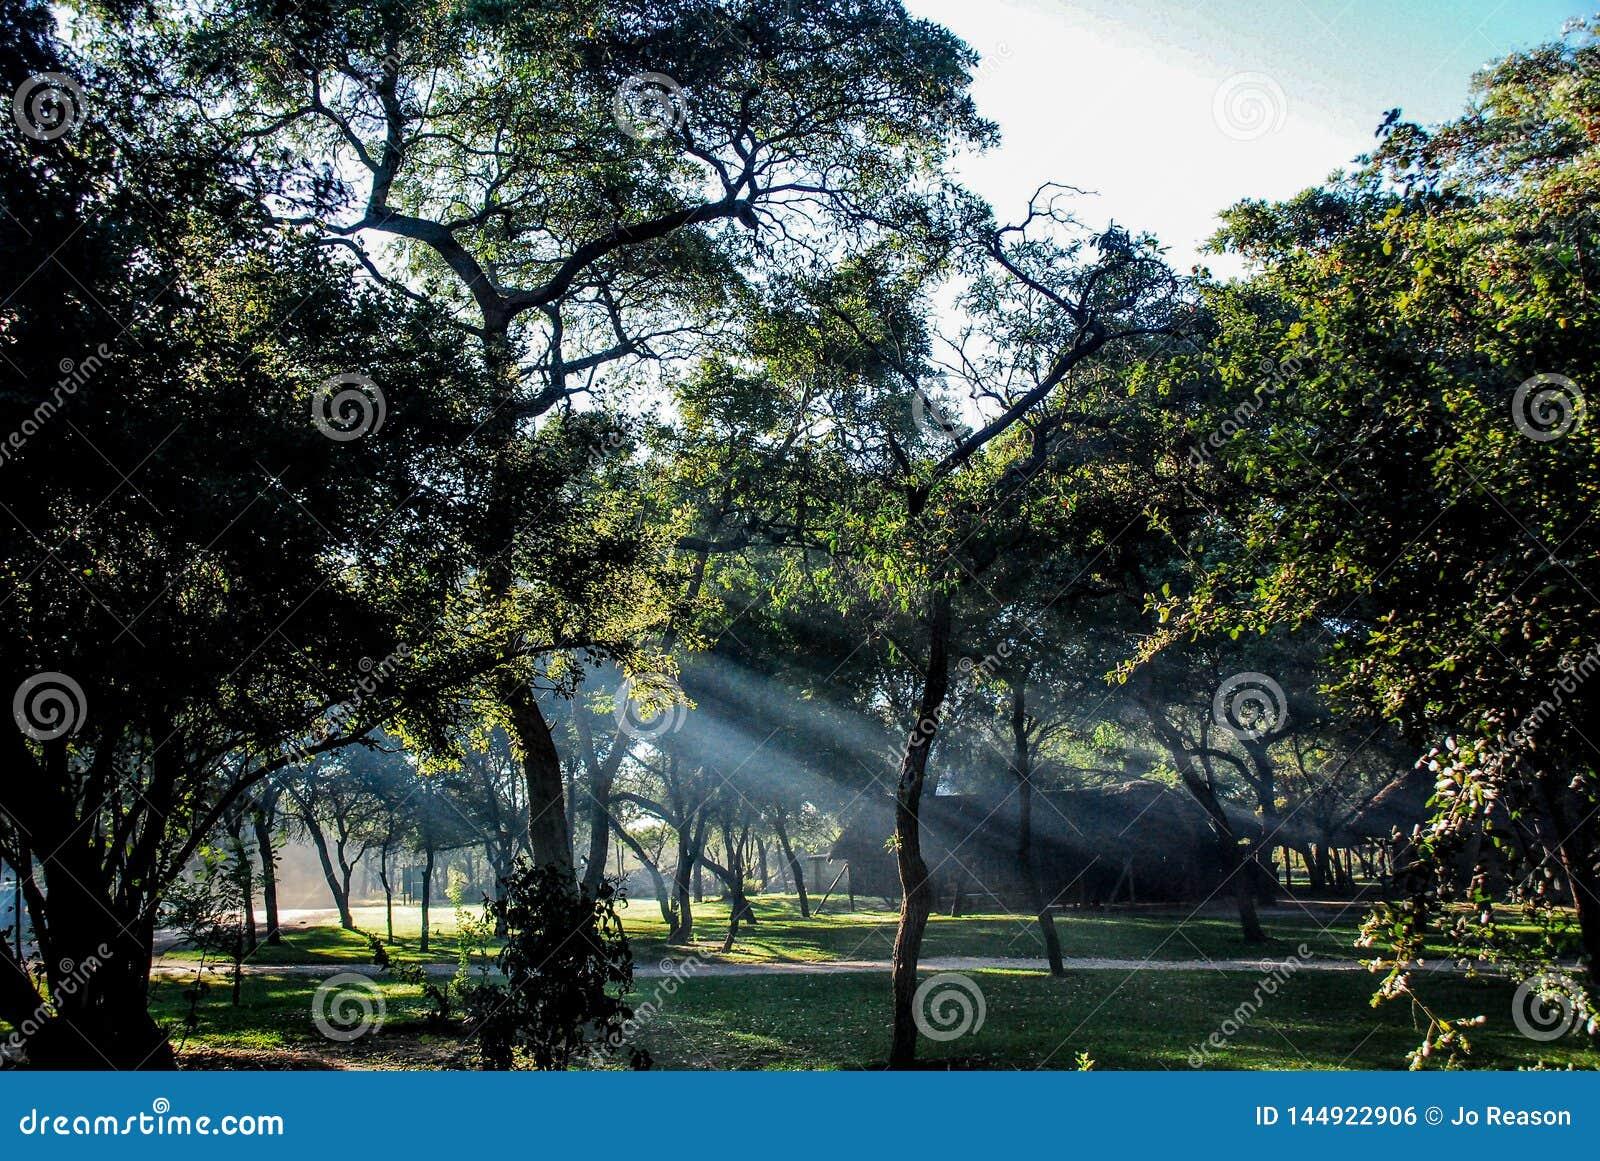 太阳光芒通过在日出的树